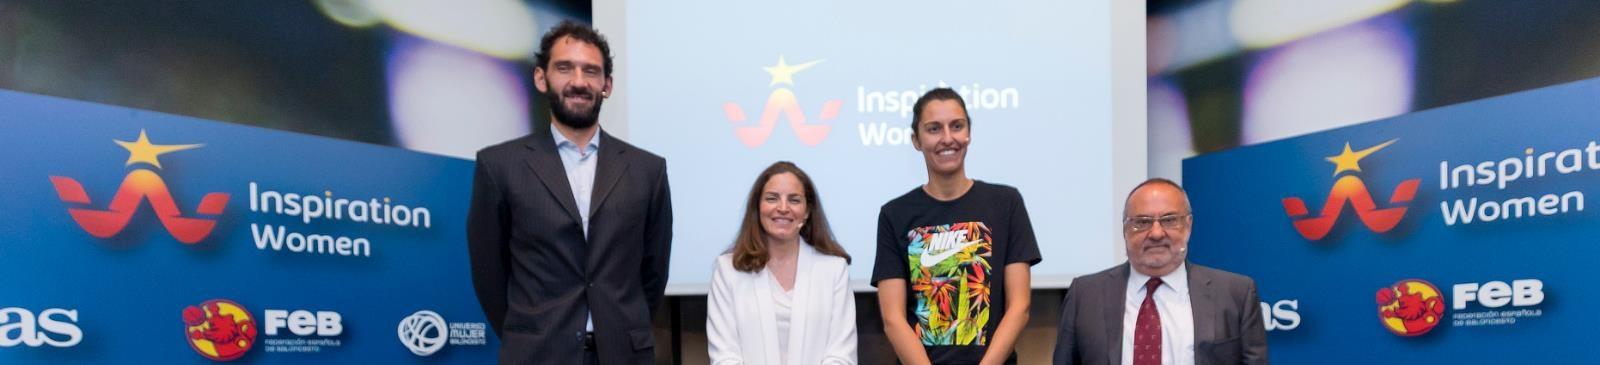 Alba Torrens y Nathalie Picquot, mujeres de éxito en el II 'Inspiration Women'